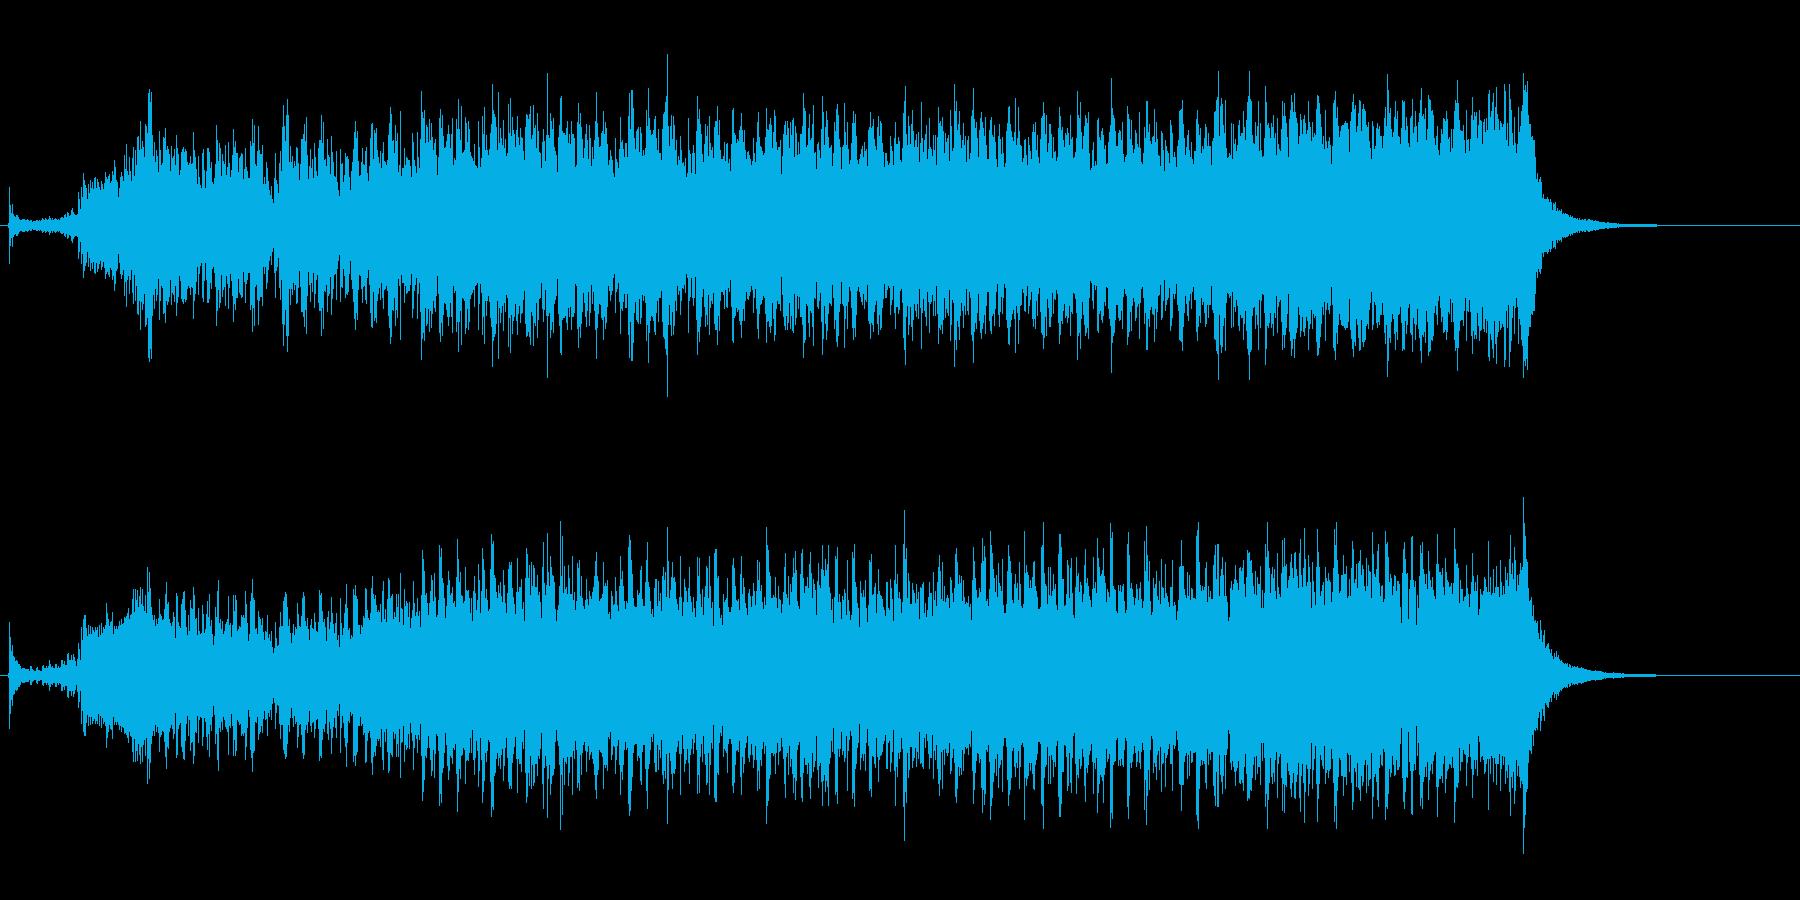 【和風】和楽器のみをによる荒々しい曲Bの再生済みの波形